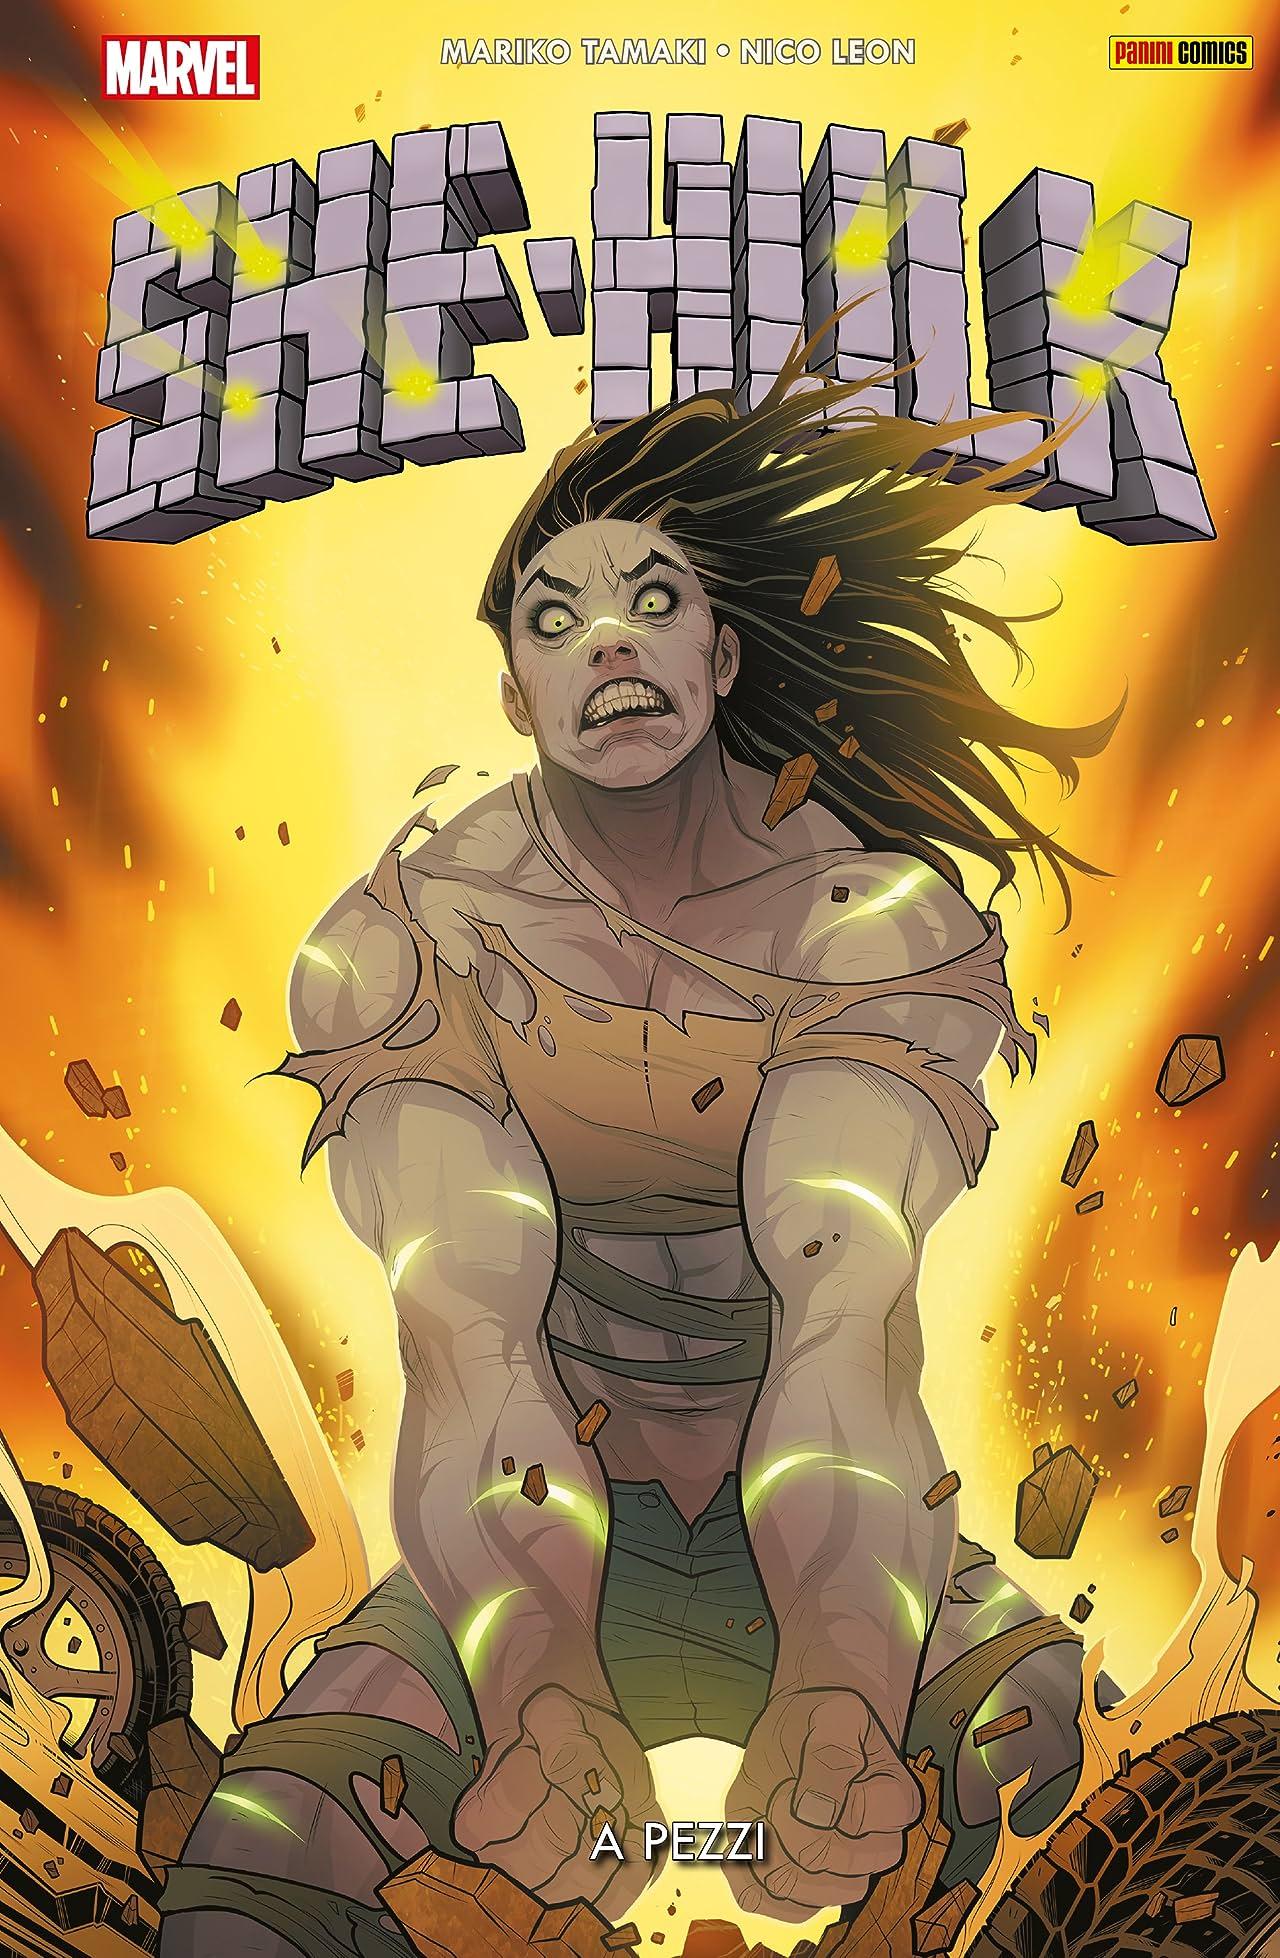 She-Hulk (2017) Vol. 1: A Pezzi